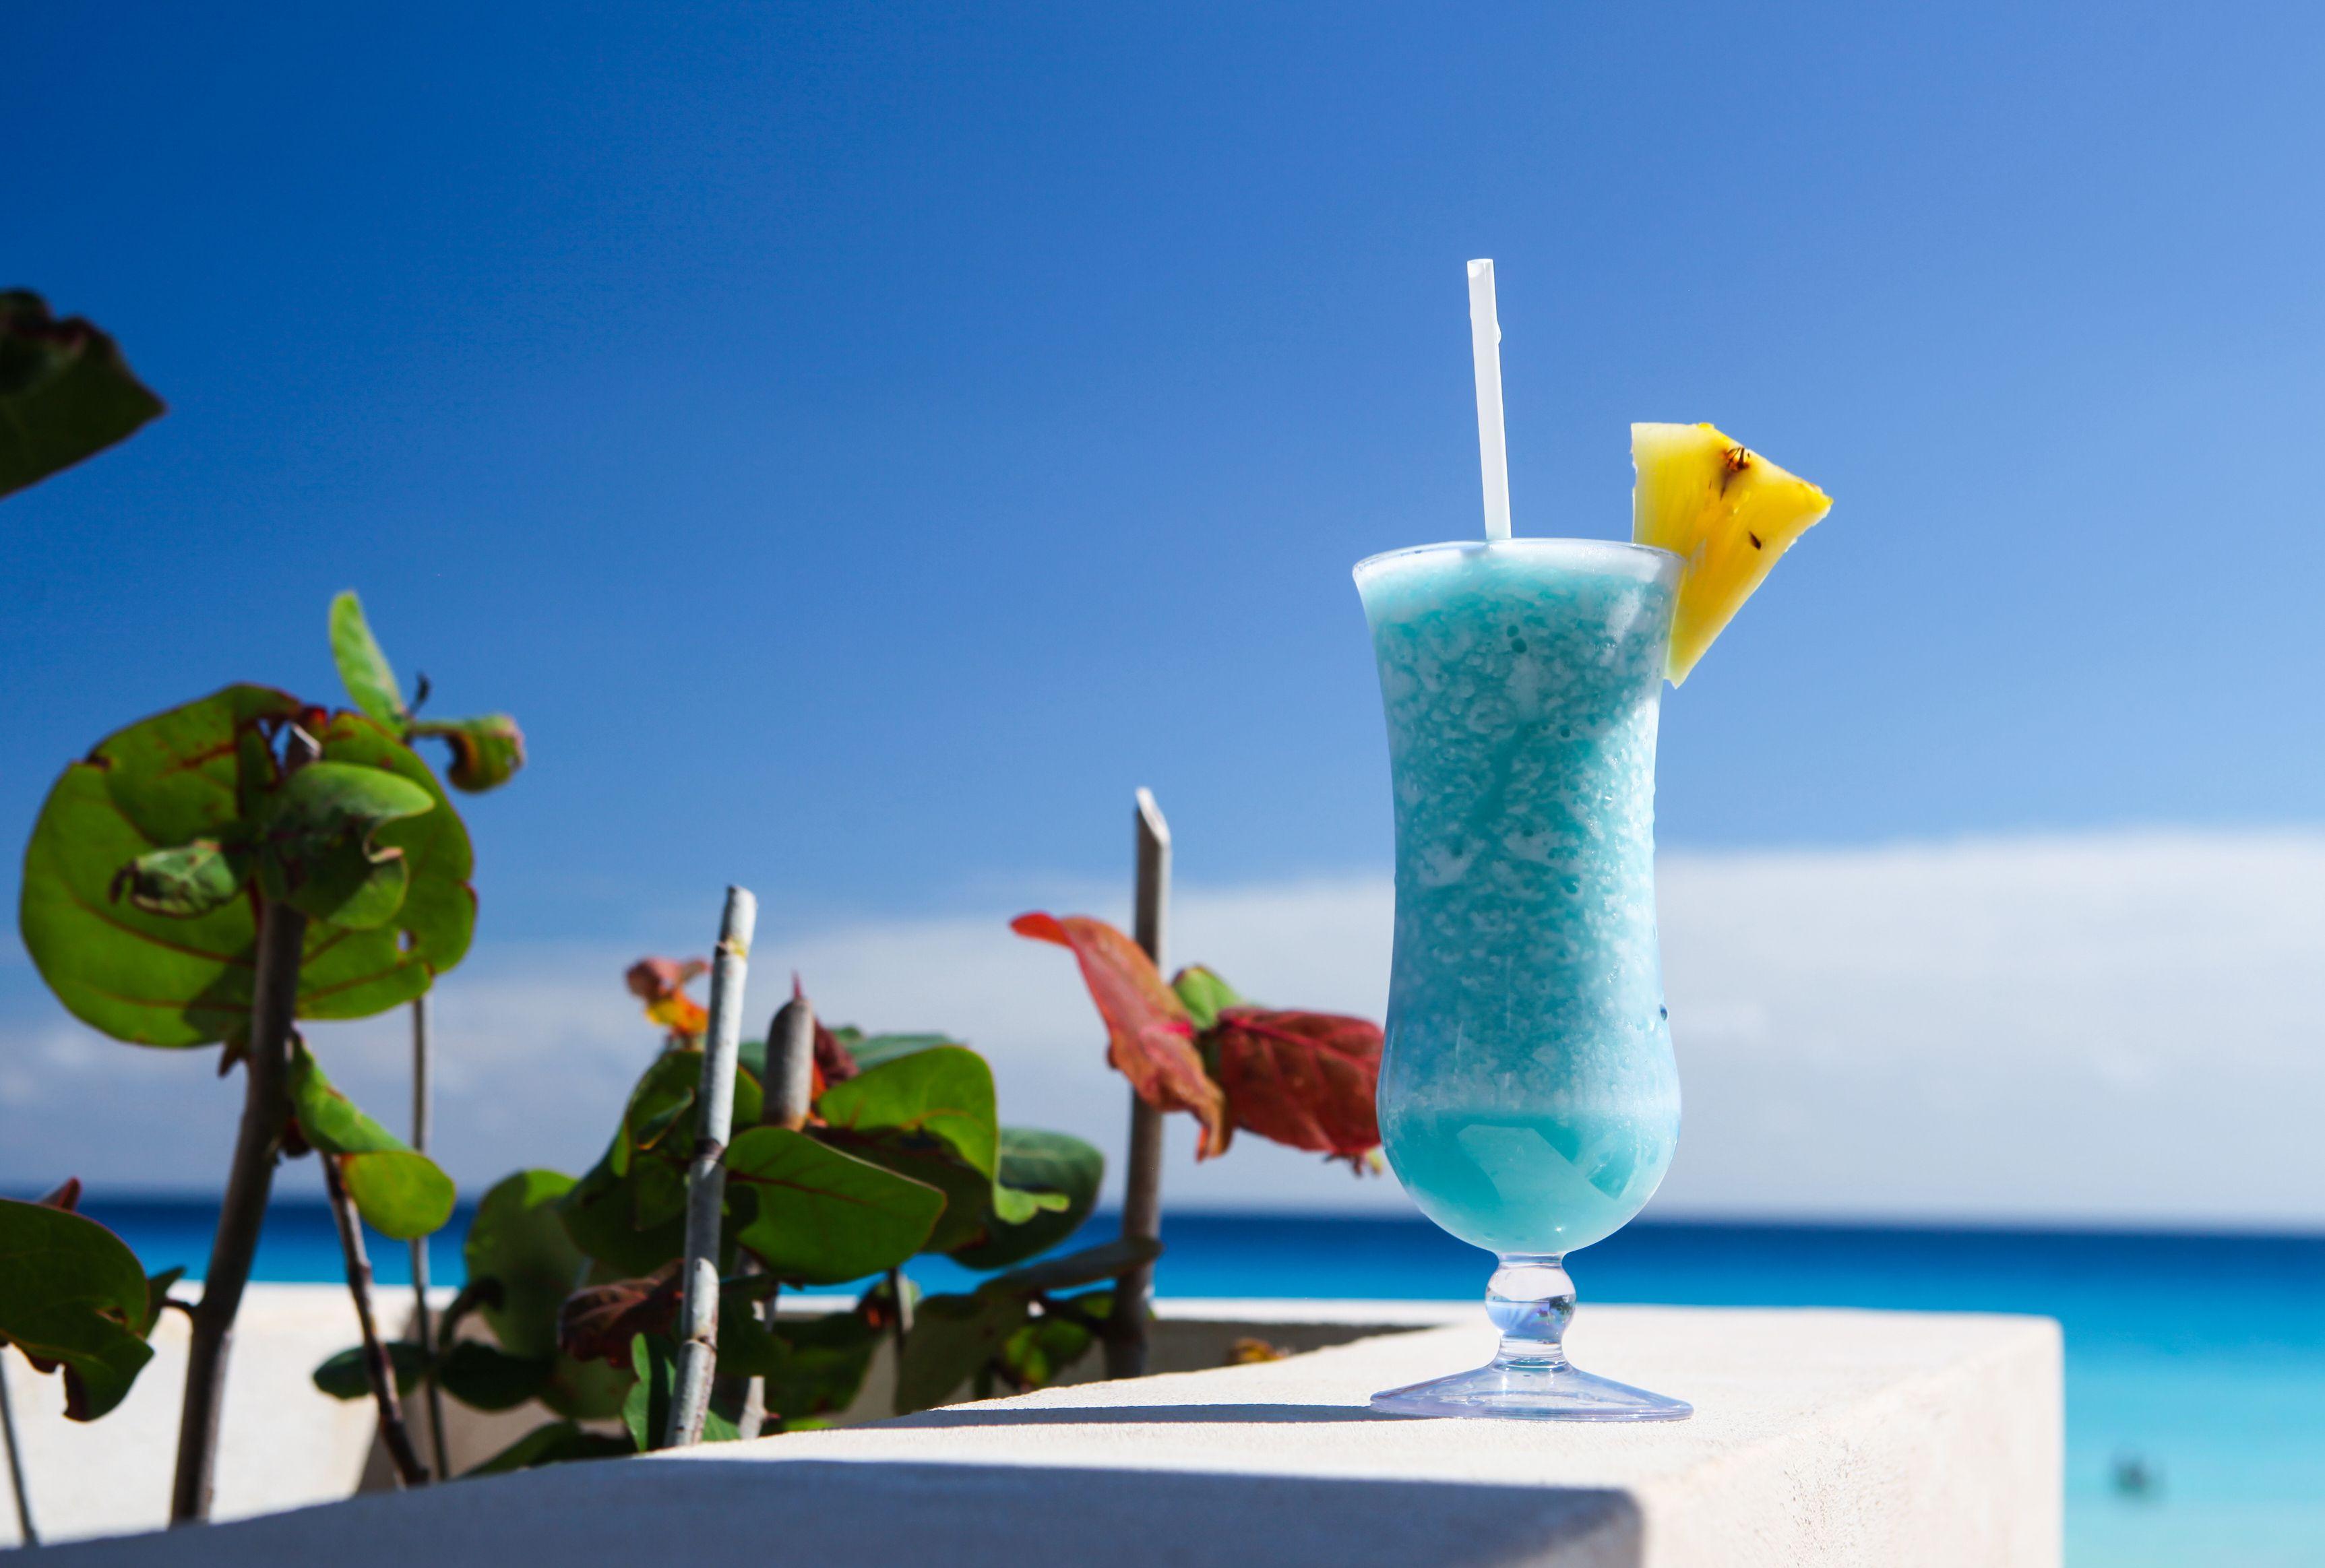 The Blue Hawaiian